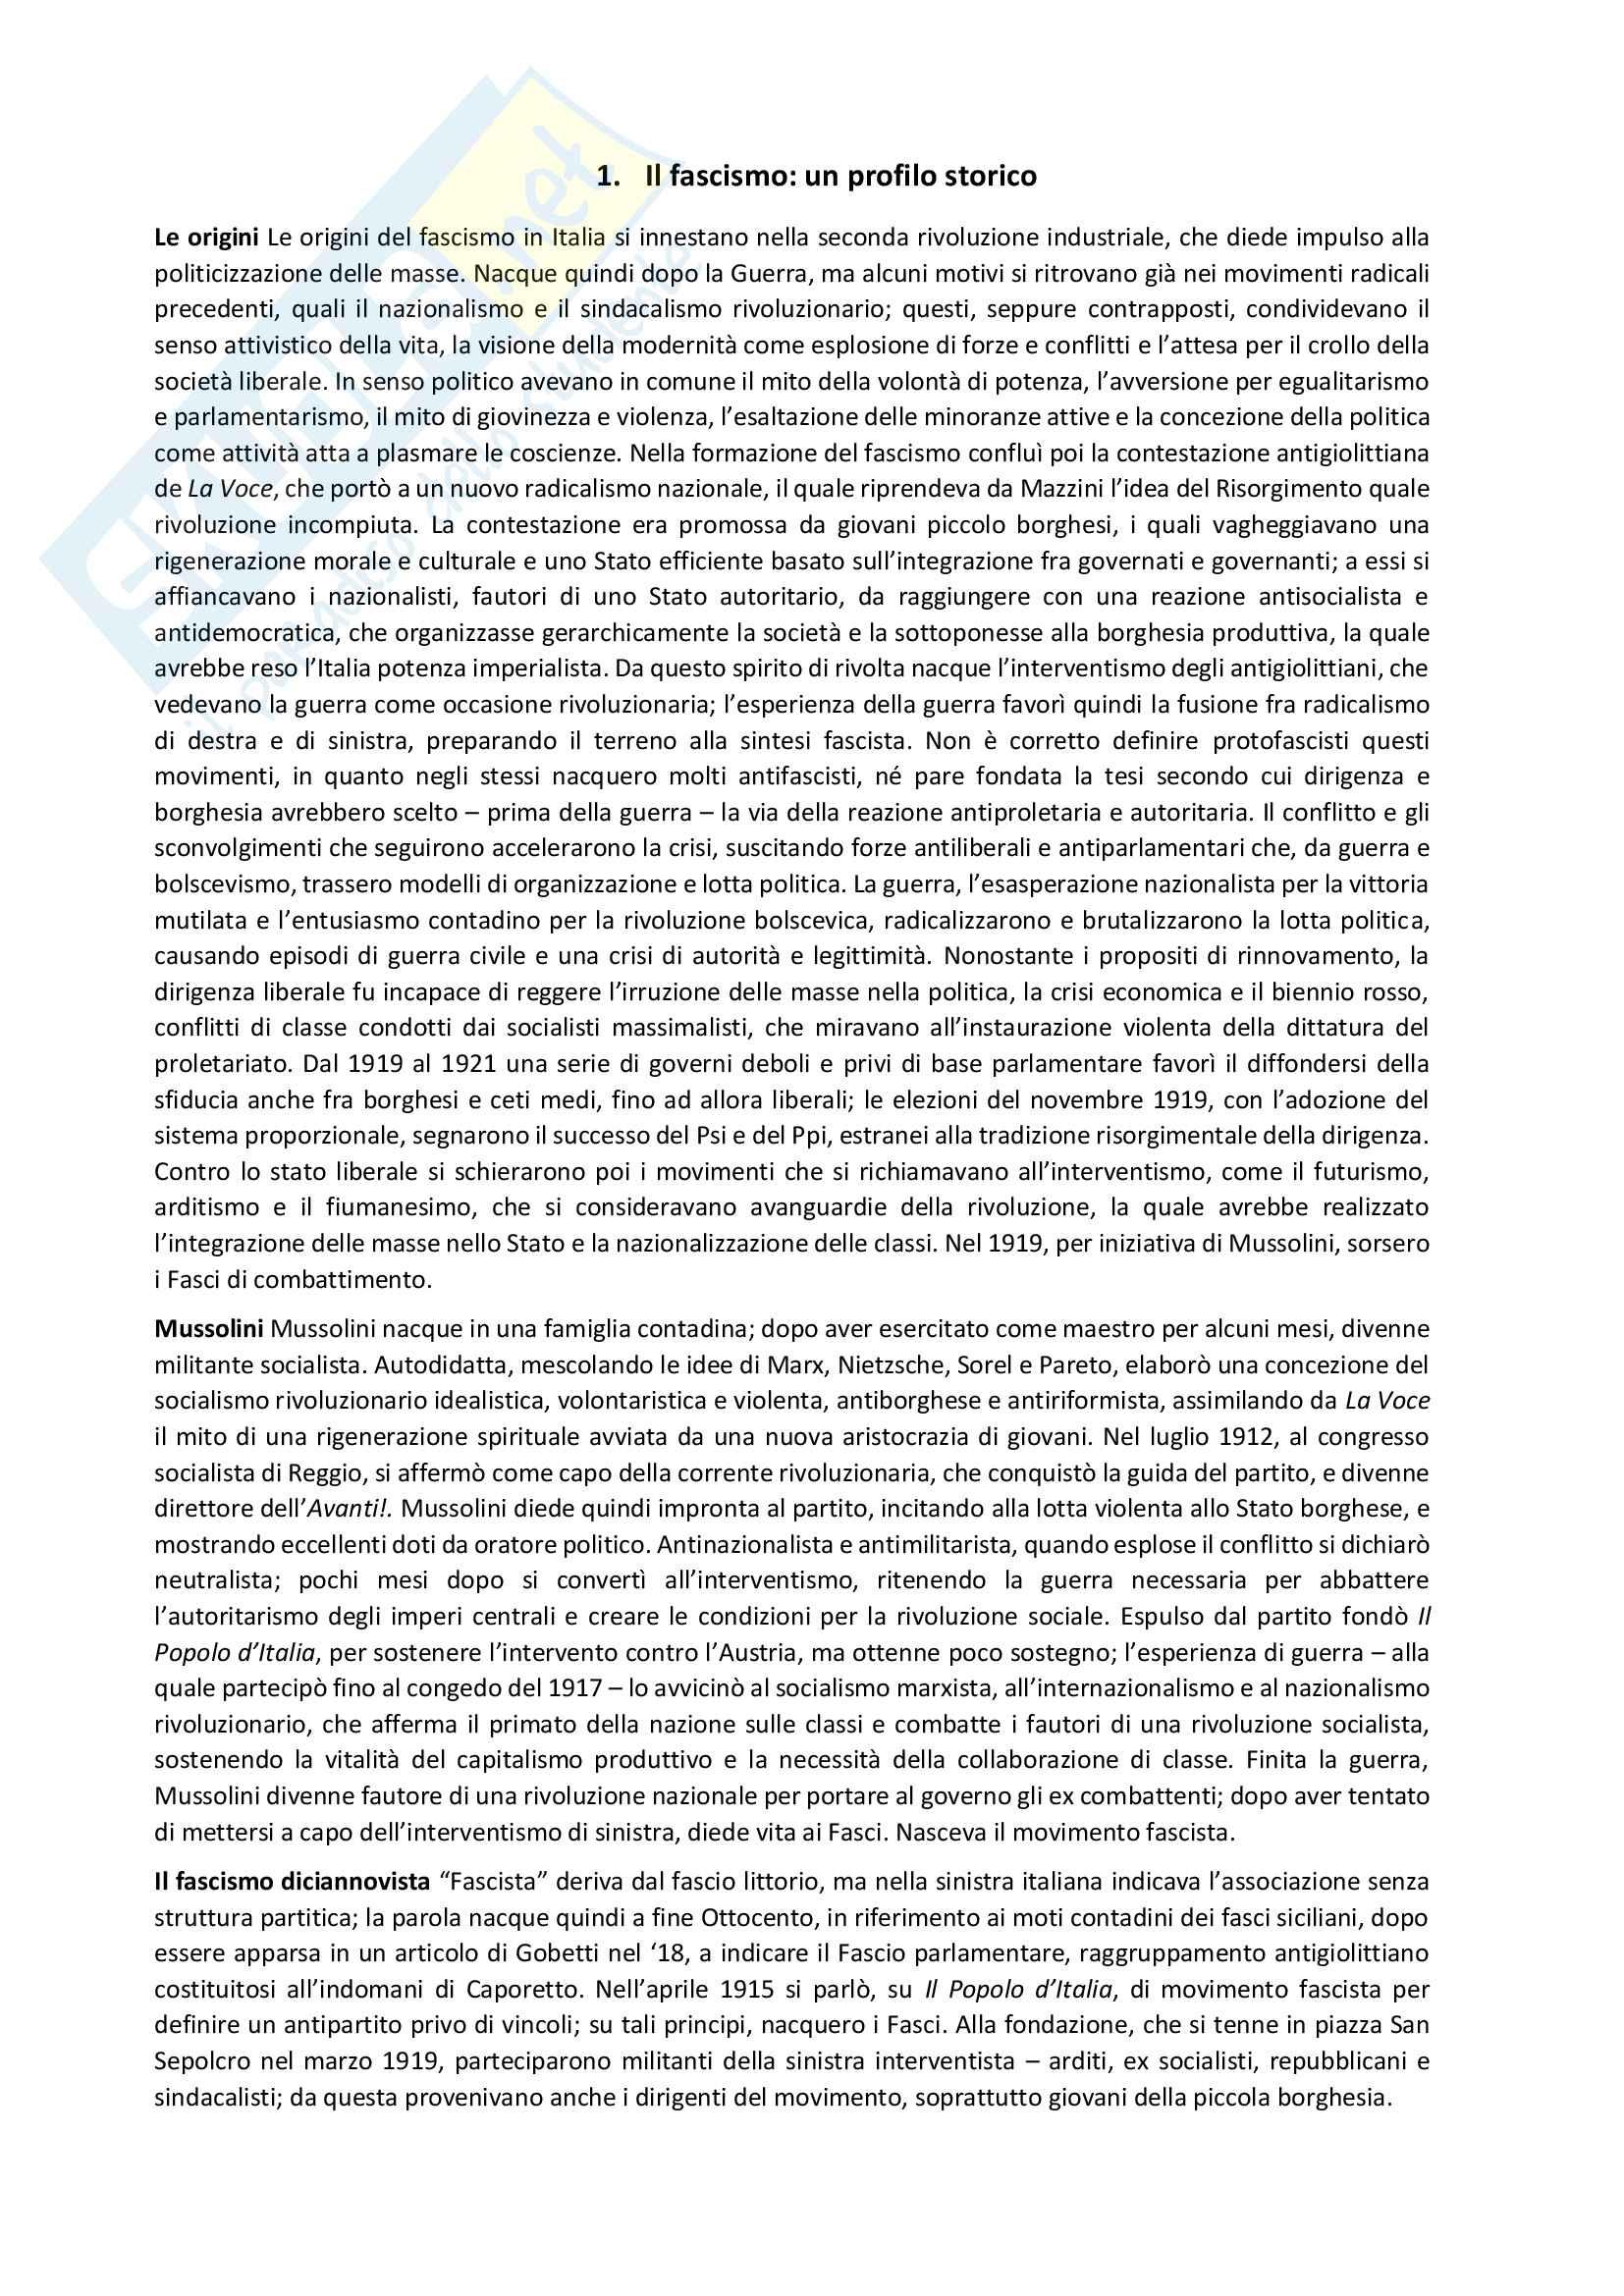 Riassunto esame Storia contemporanea, professore Atzeni, libro consigliato Fascismo - storia e intepretazione, di Emilio Gentile